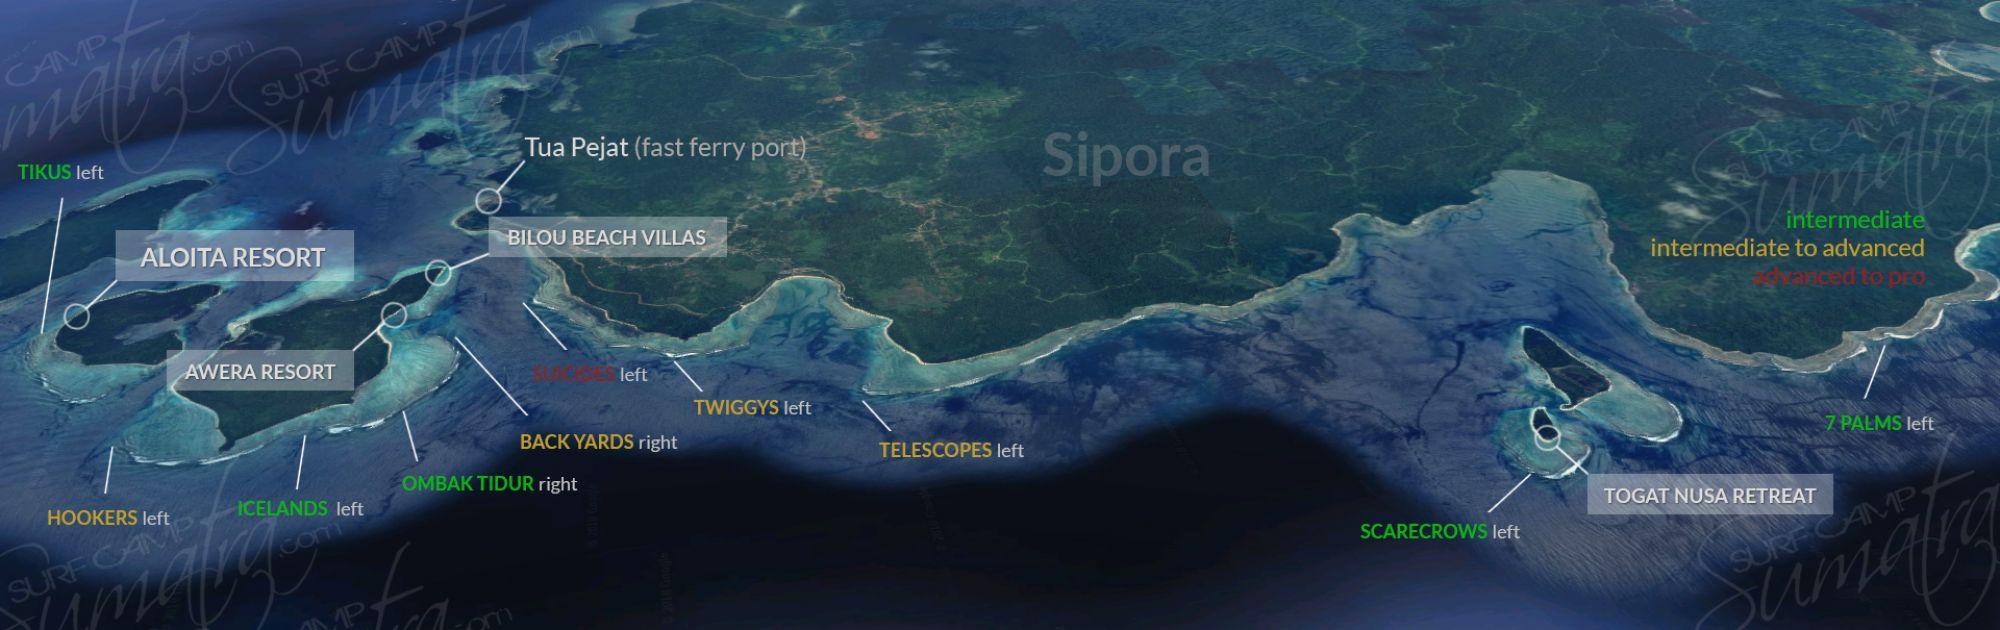 map aloita